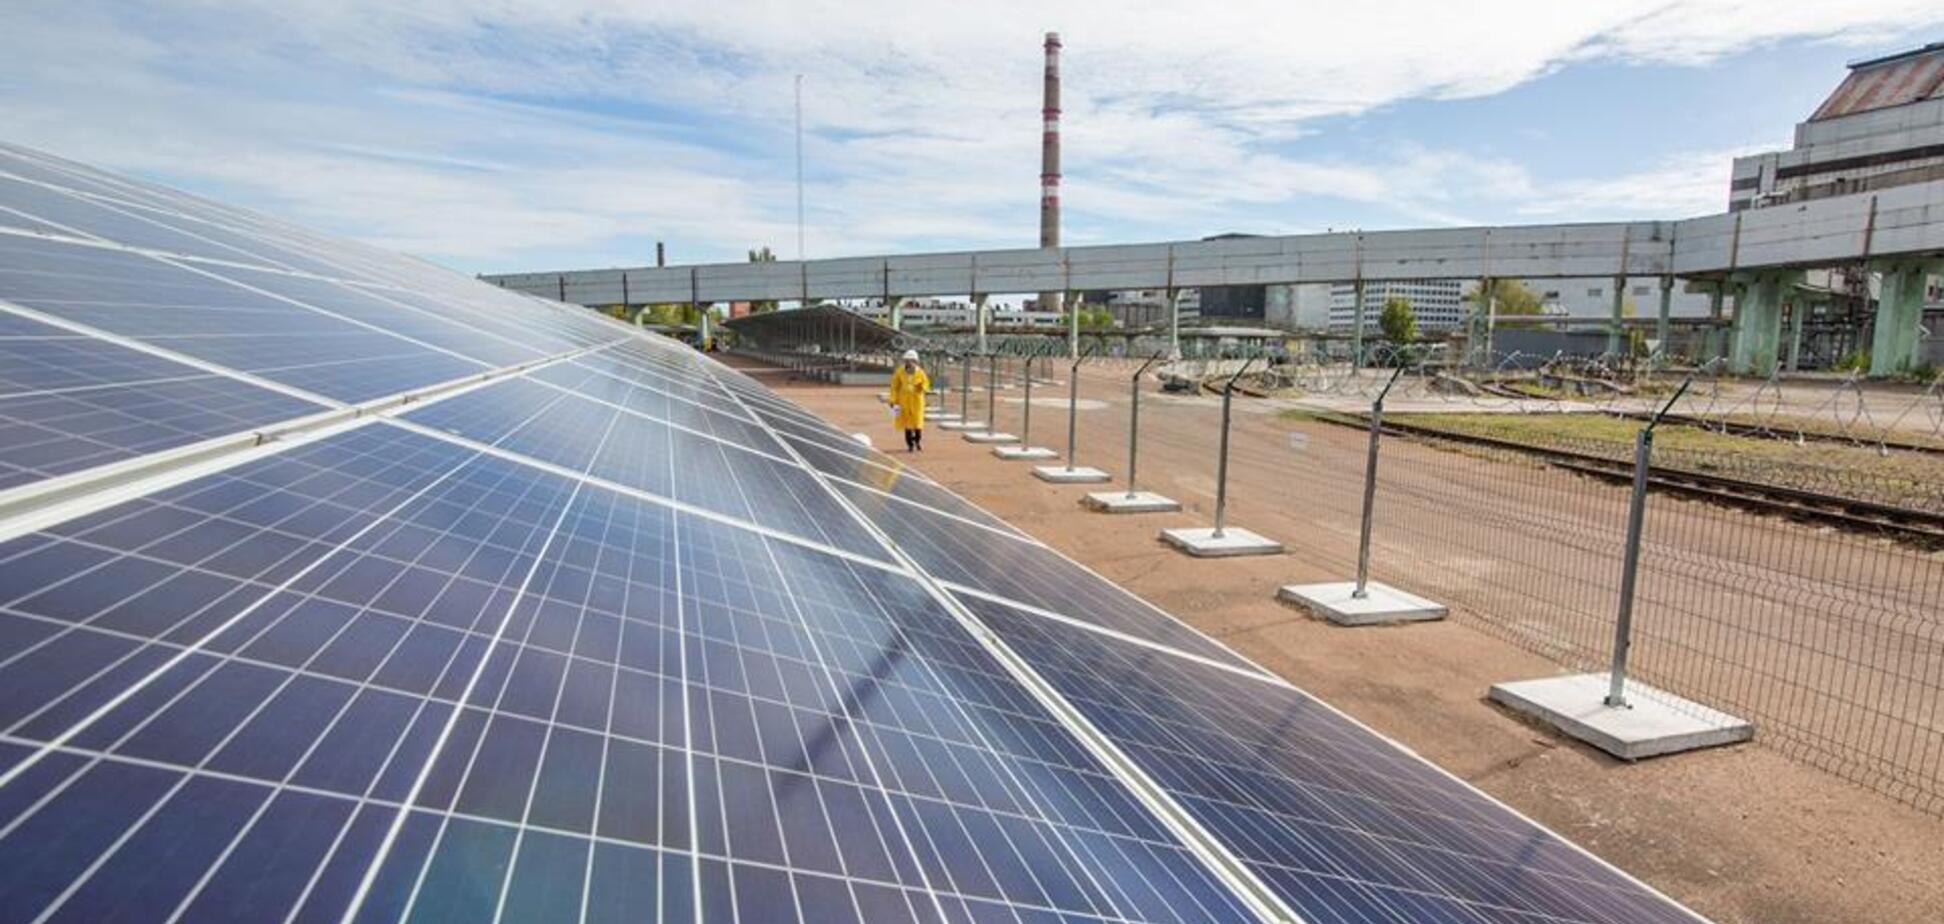 В Чернобыле появилась уникальная солнечная станция: впечатляющие фото